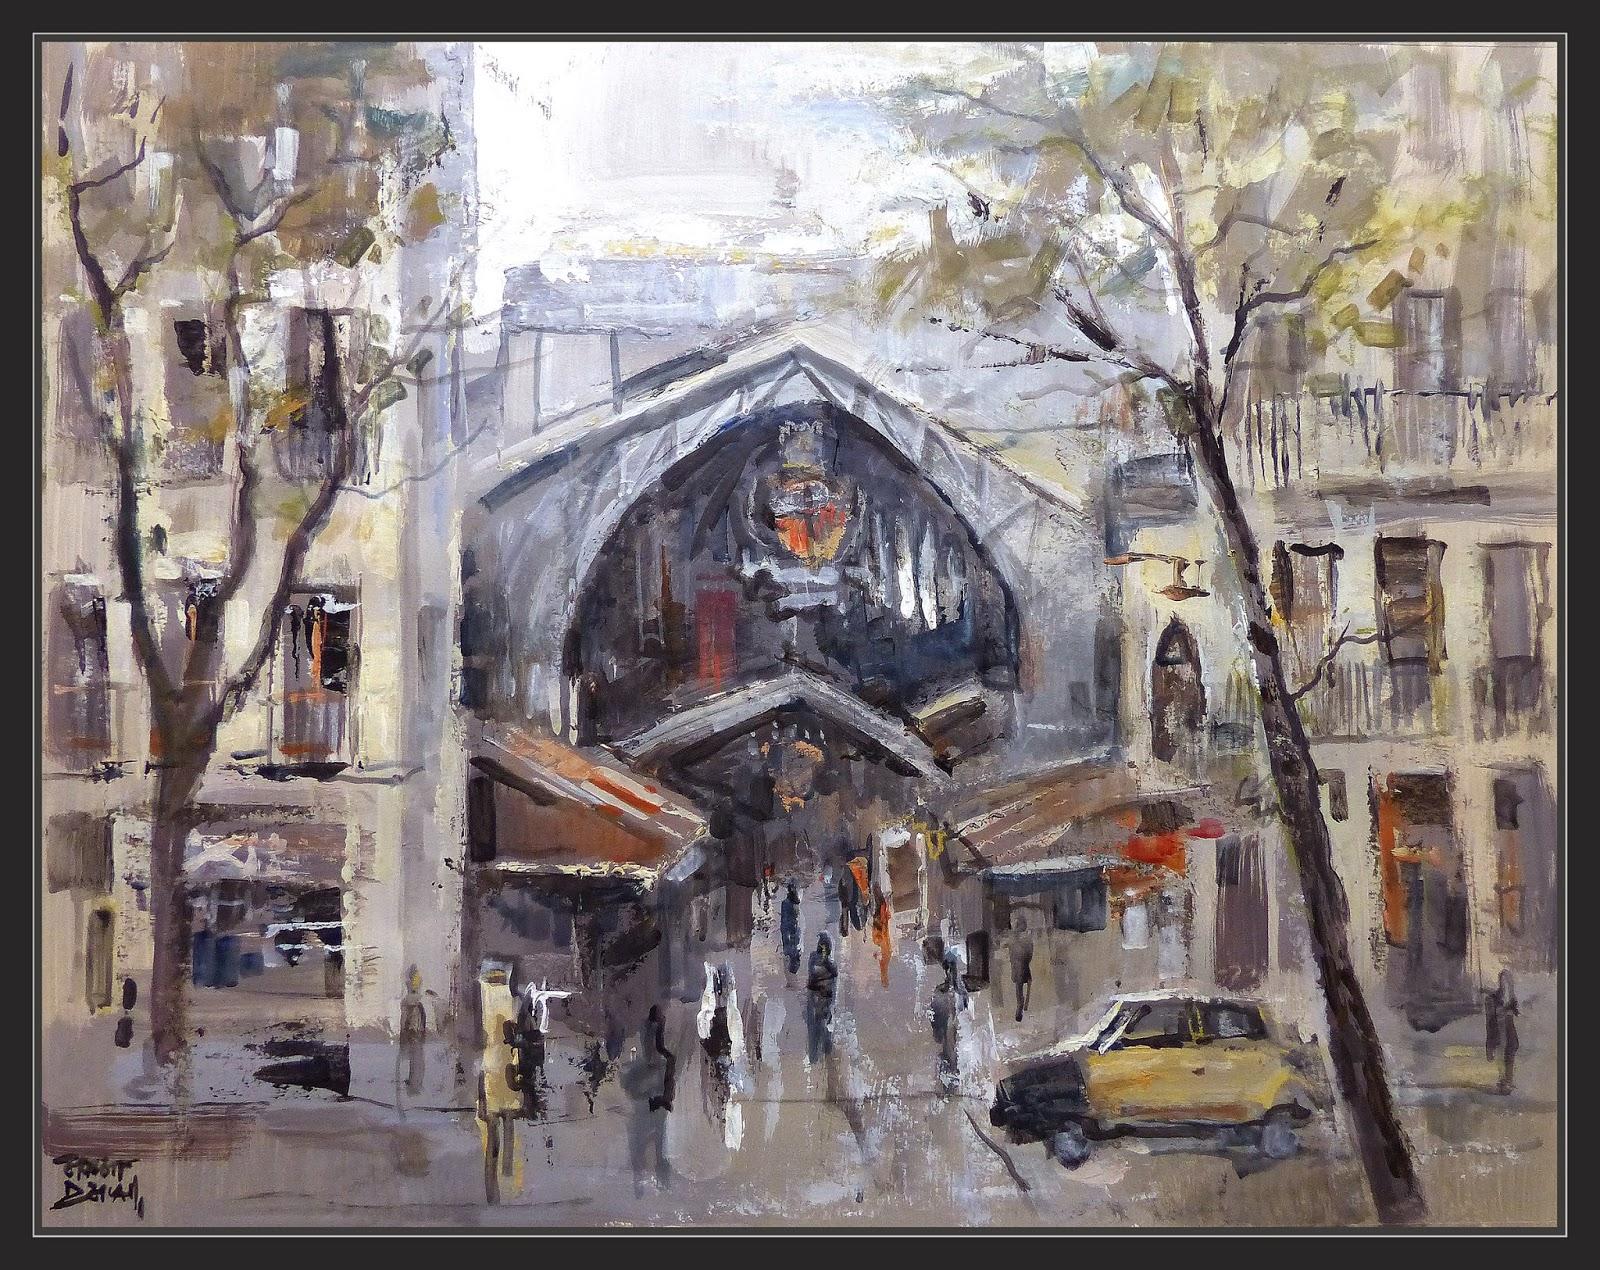 Ernest descals artista pintor mercat boqueria pintura barcelona mercado arte tiendas mercados - Pintores de barcelona ...